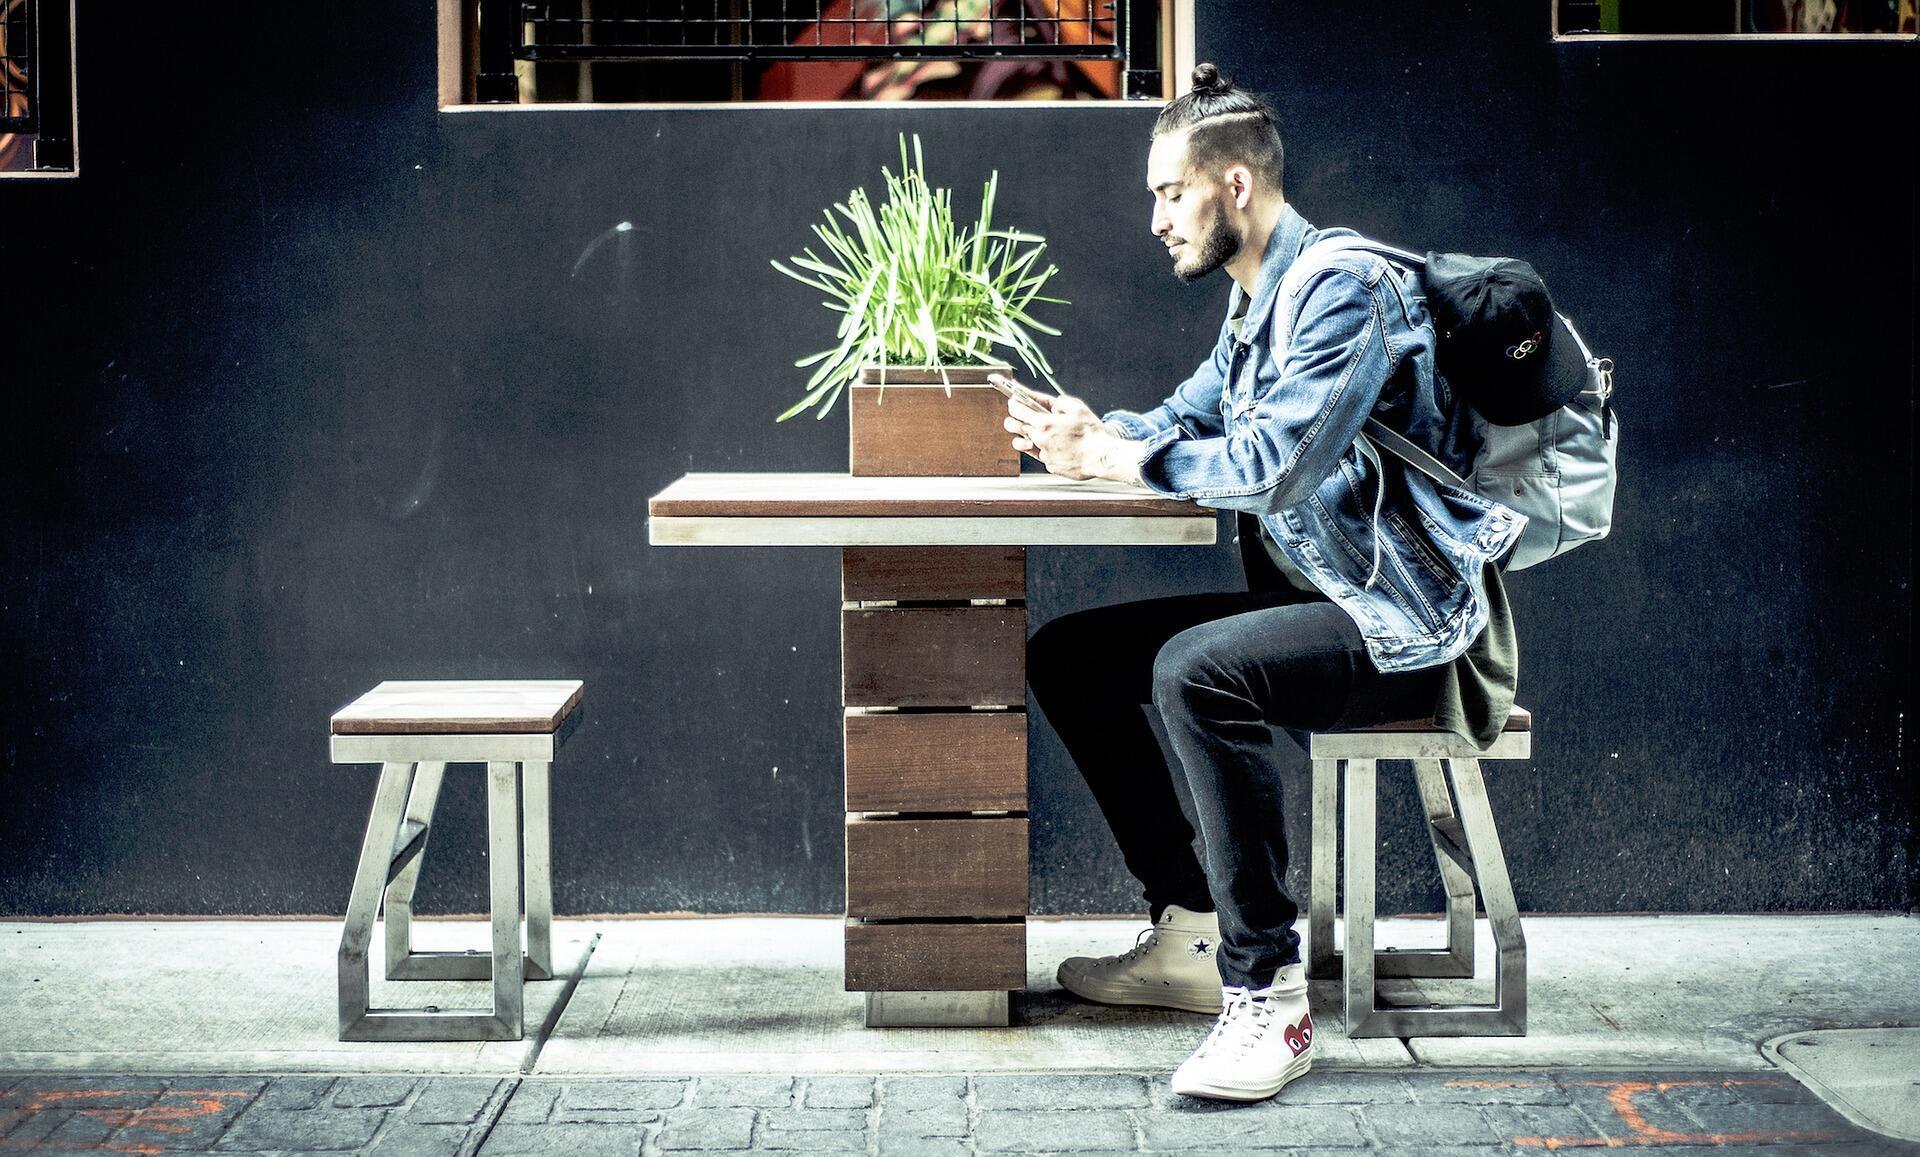 Comment se passe l'intégration des Millennials dans les entreprise?